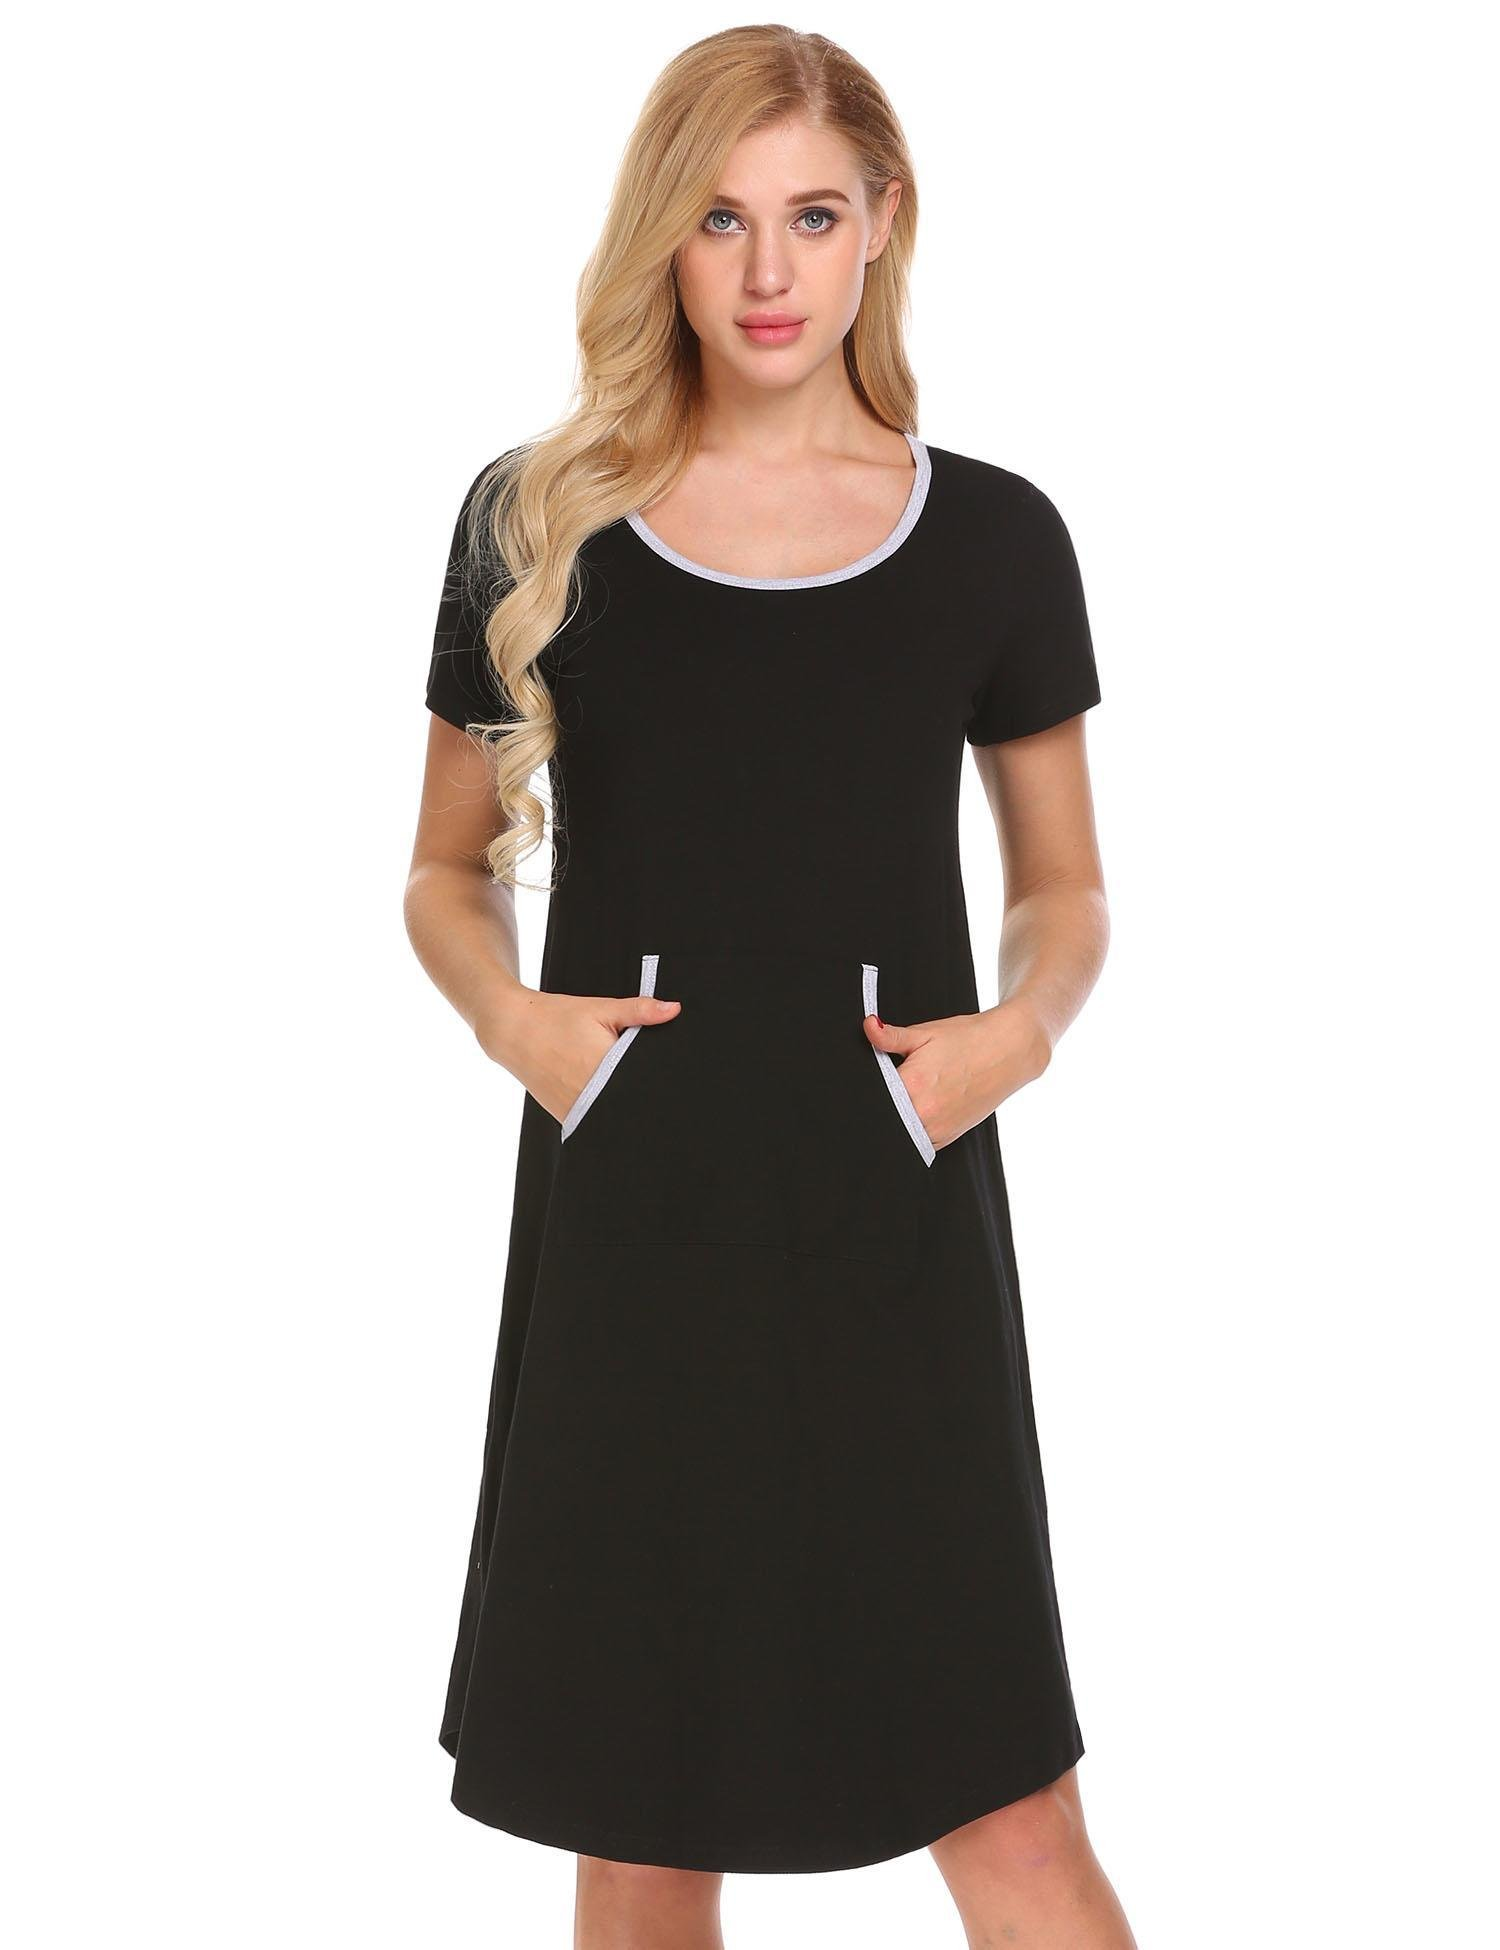 Ekouaer Ekoauer Womens Knit Nightgown Long Scoop Neck Sleep Dress,Black,XX-Large